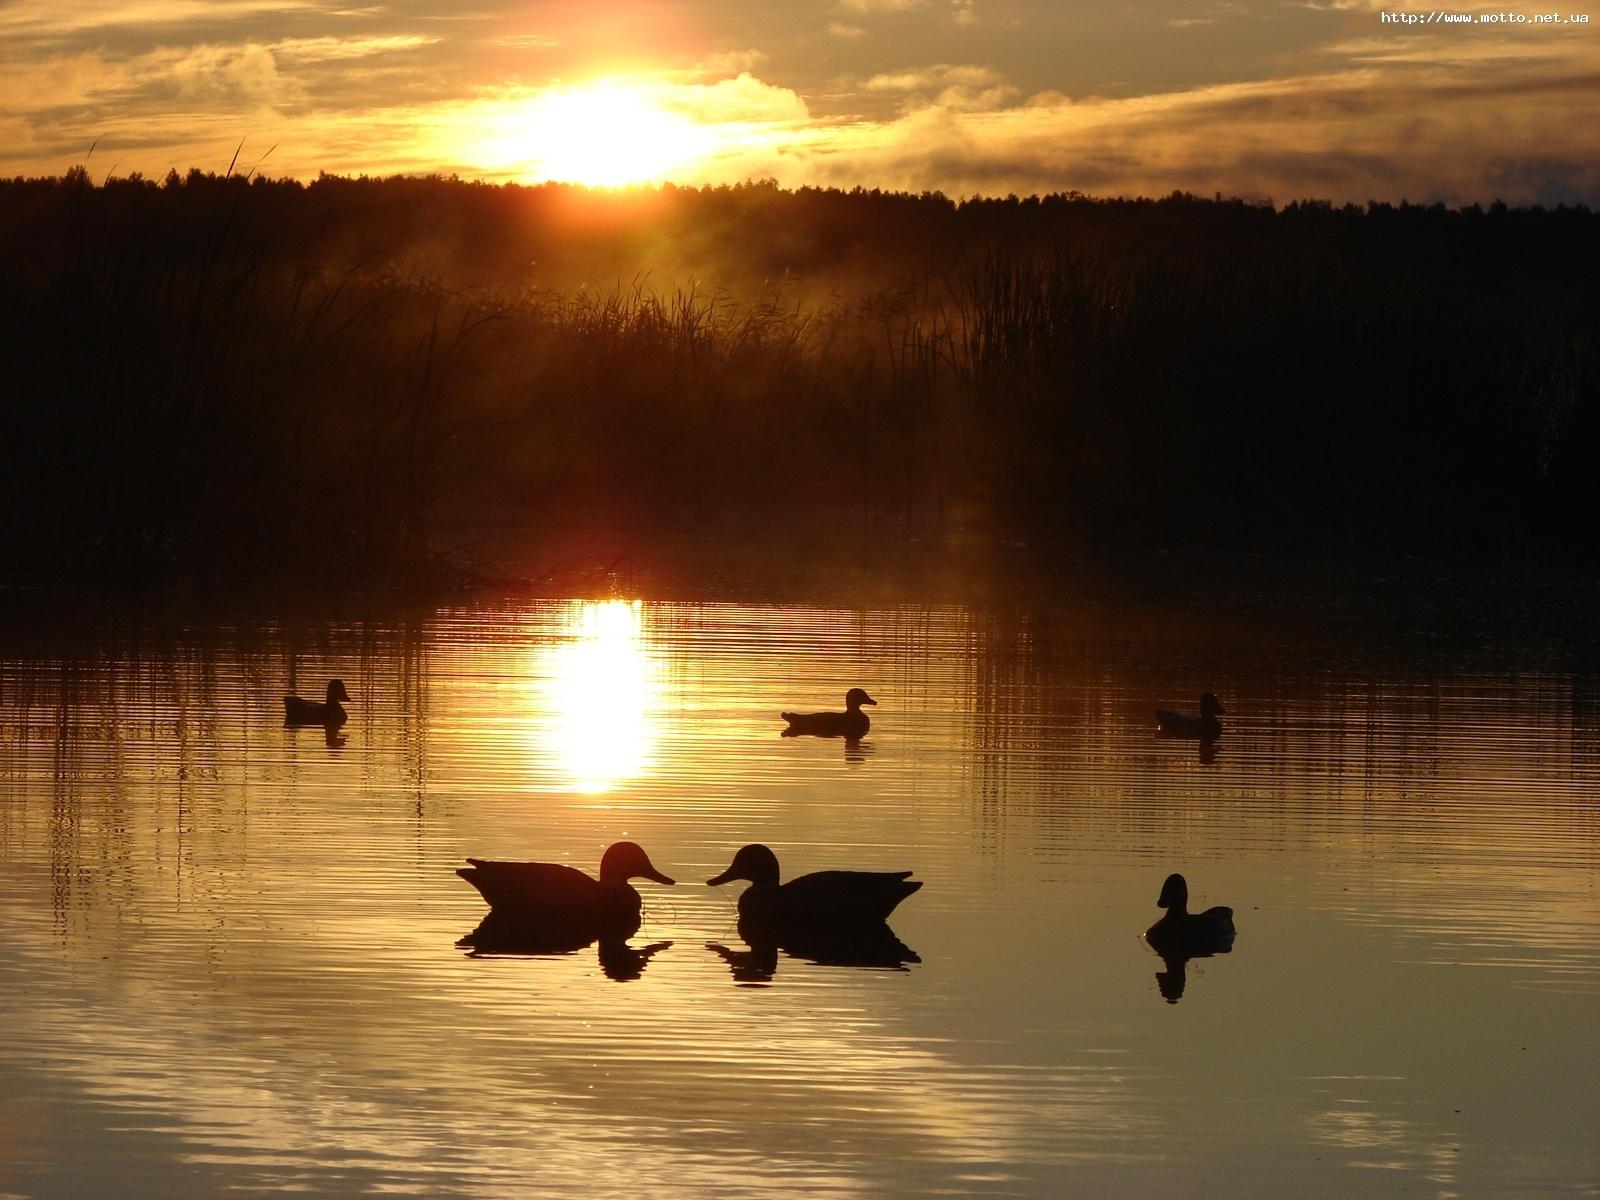 7328 скачать обои Пейзаж, Природа, Вода, Закат, Утки, Солнце, Озера - заставки и картинки бесплатно